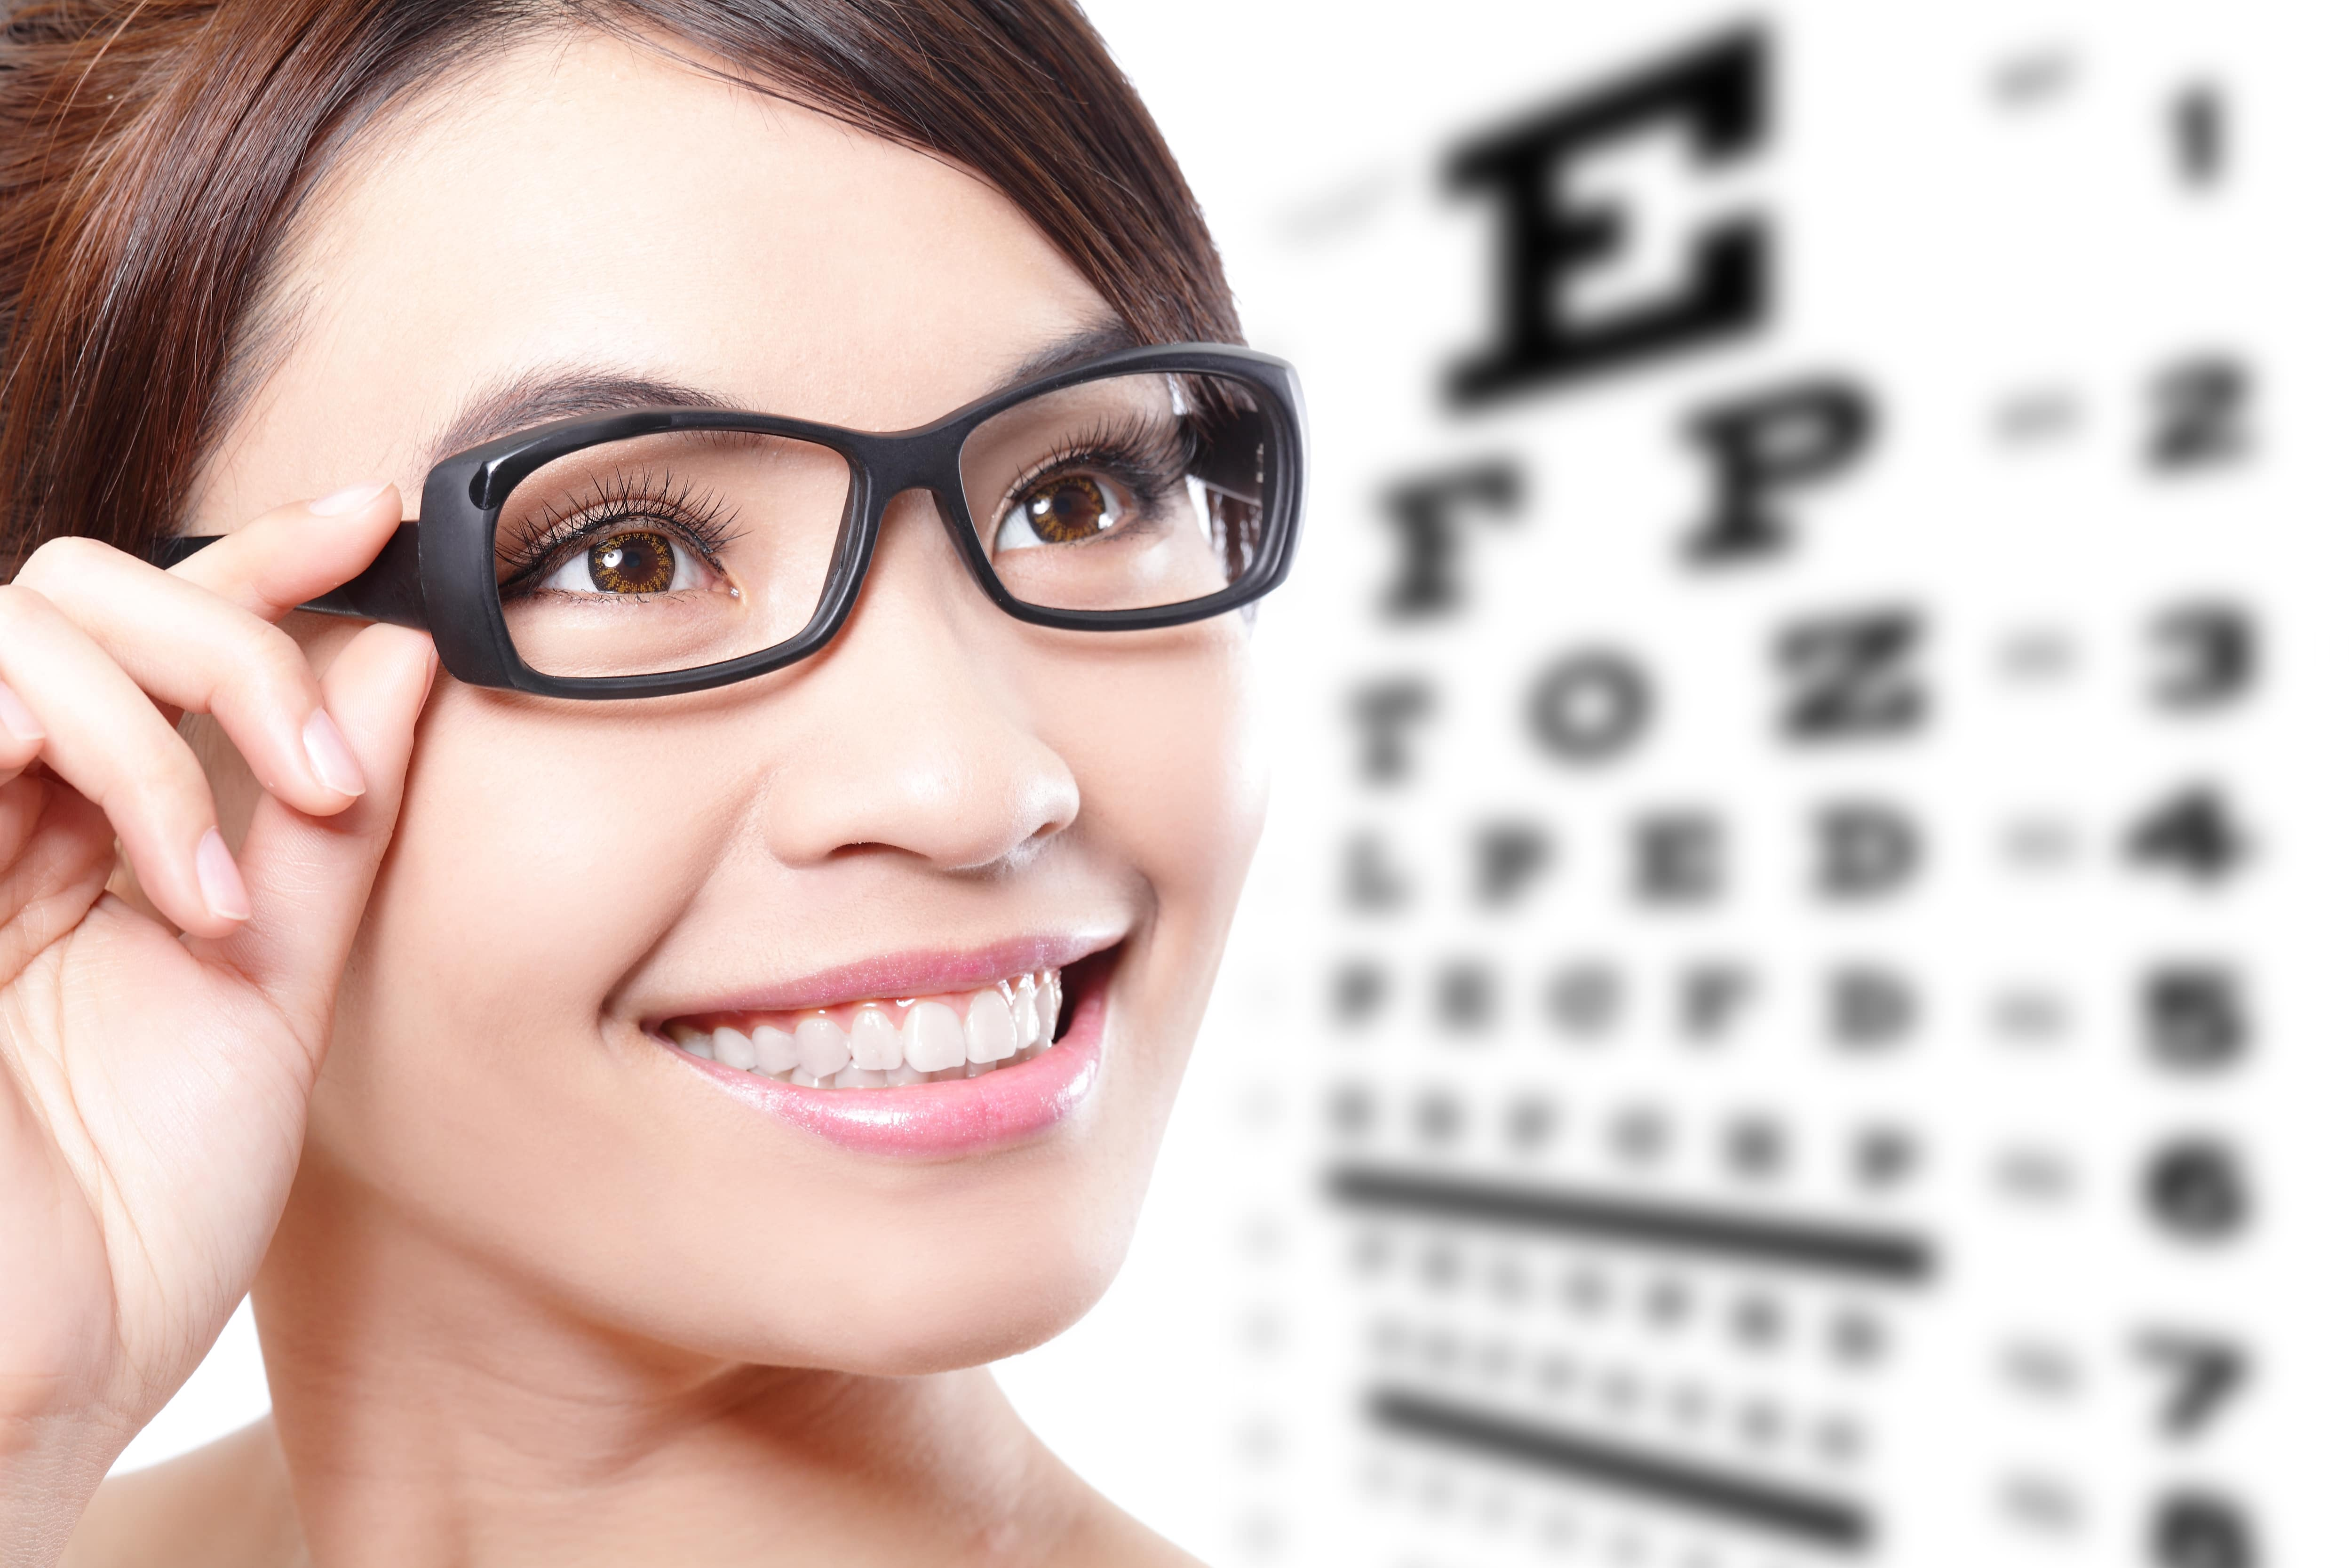 viziune intelectuală viziune scăzută a acuității vizuale